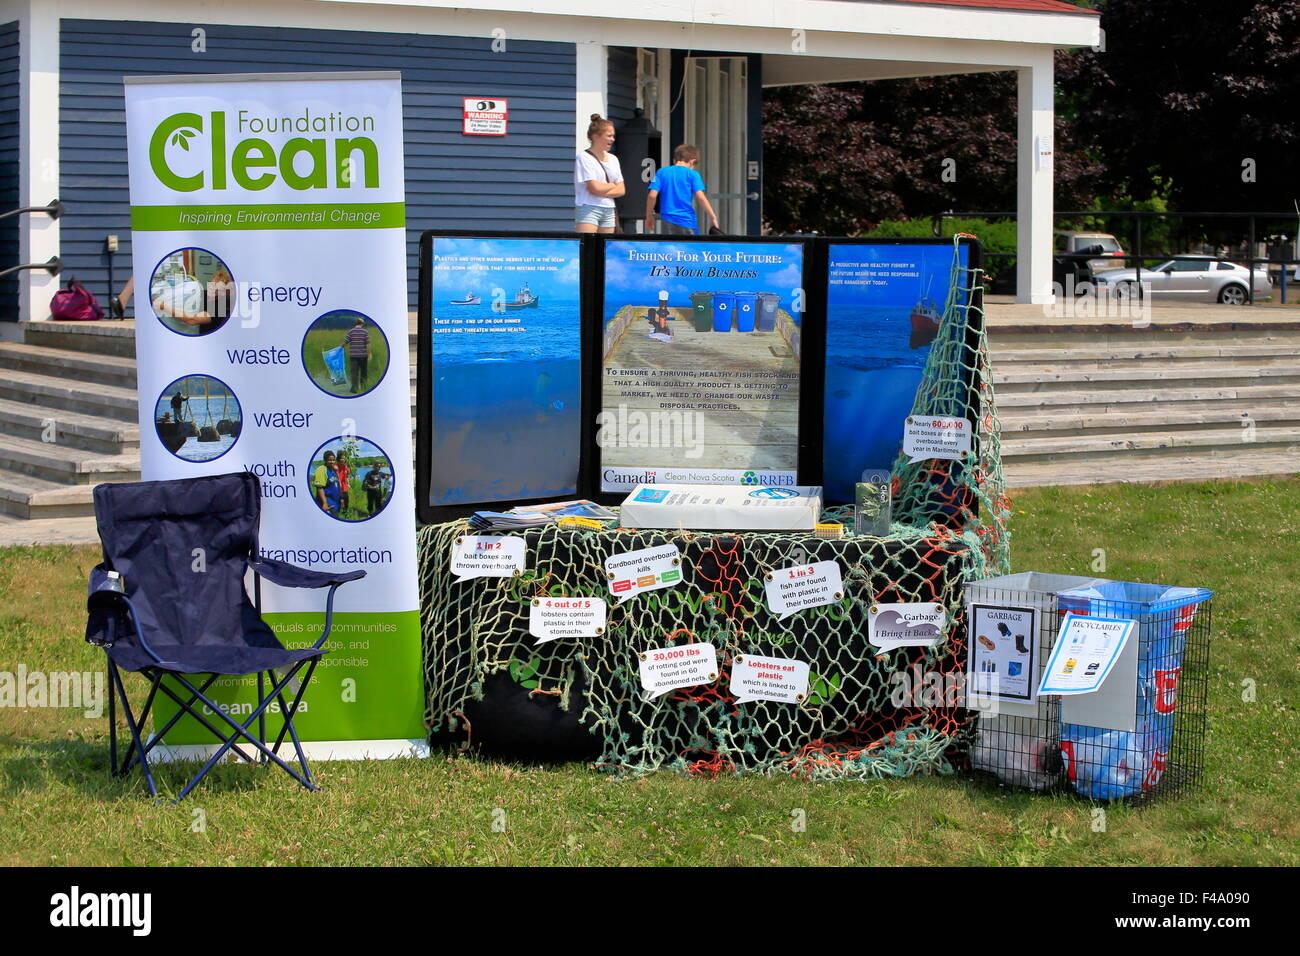 Un pulito Foundation presentano ambientali o display per promuovere il risparmio energetico, riciclo acqua pulita, Immagini Stock